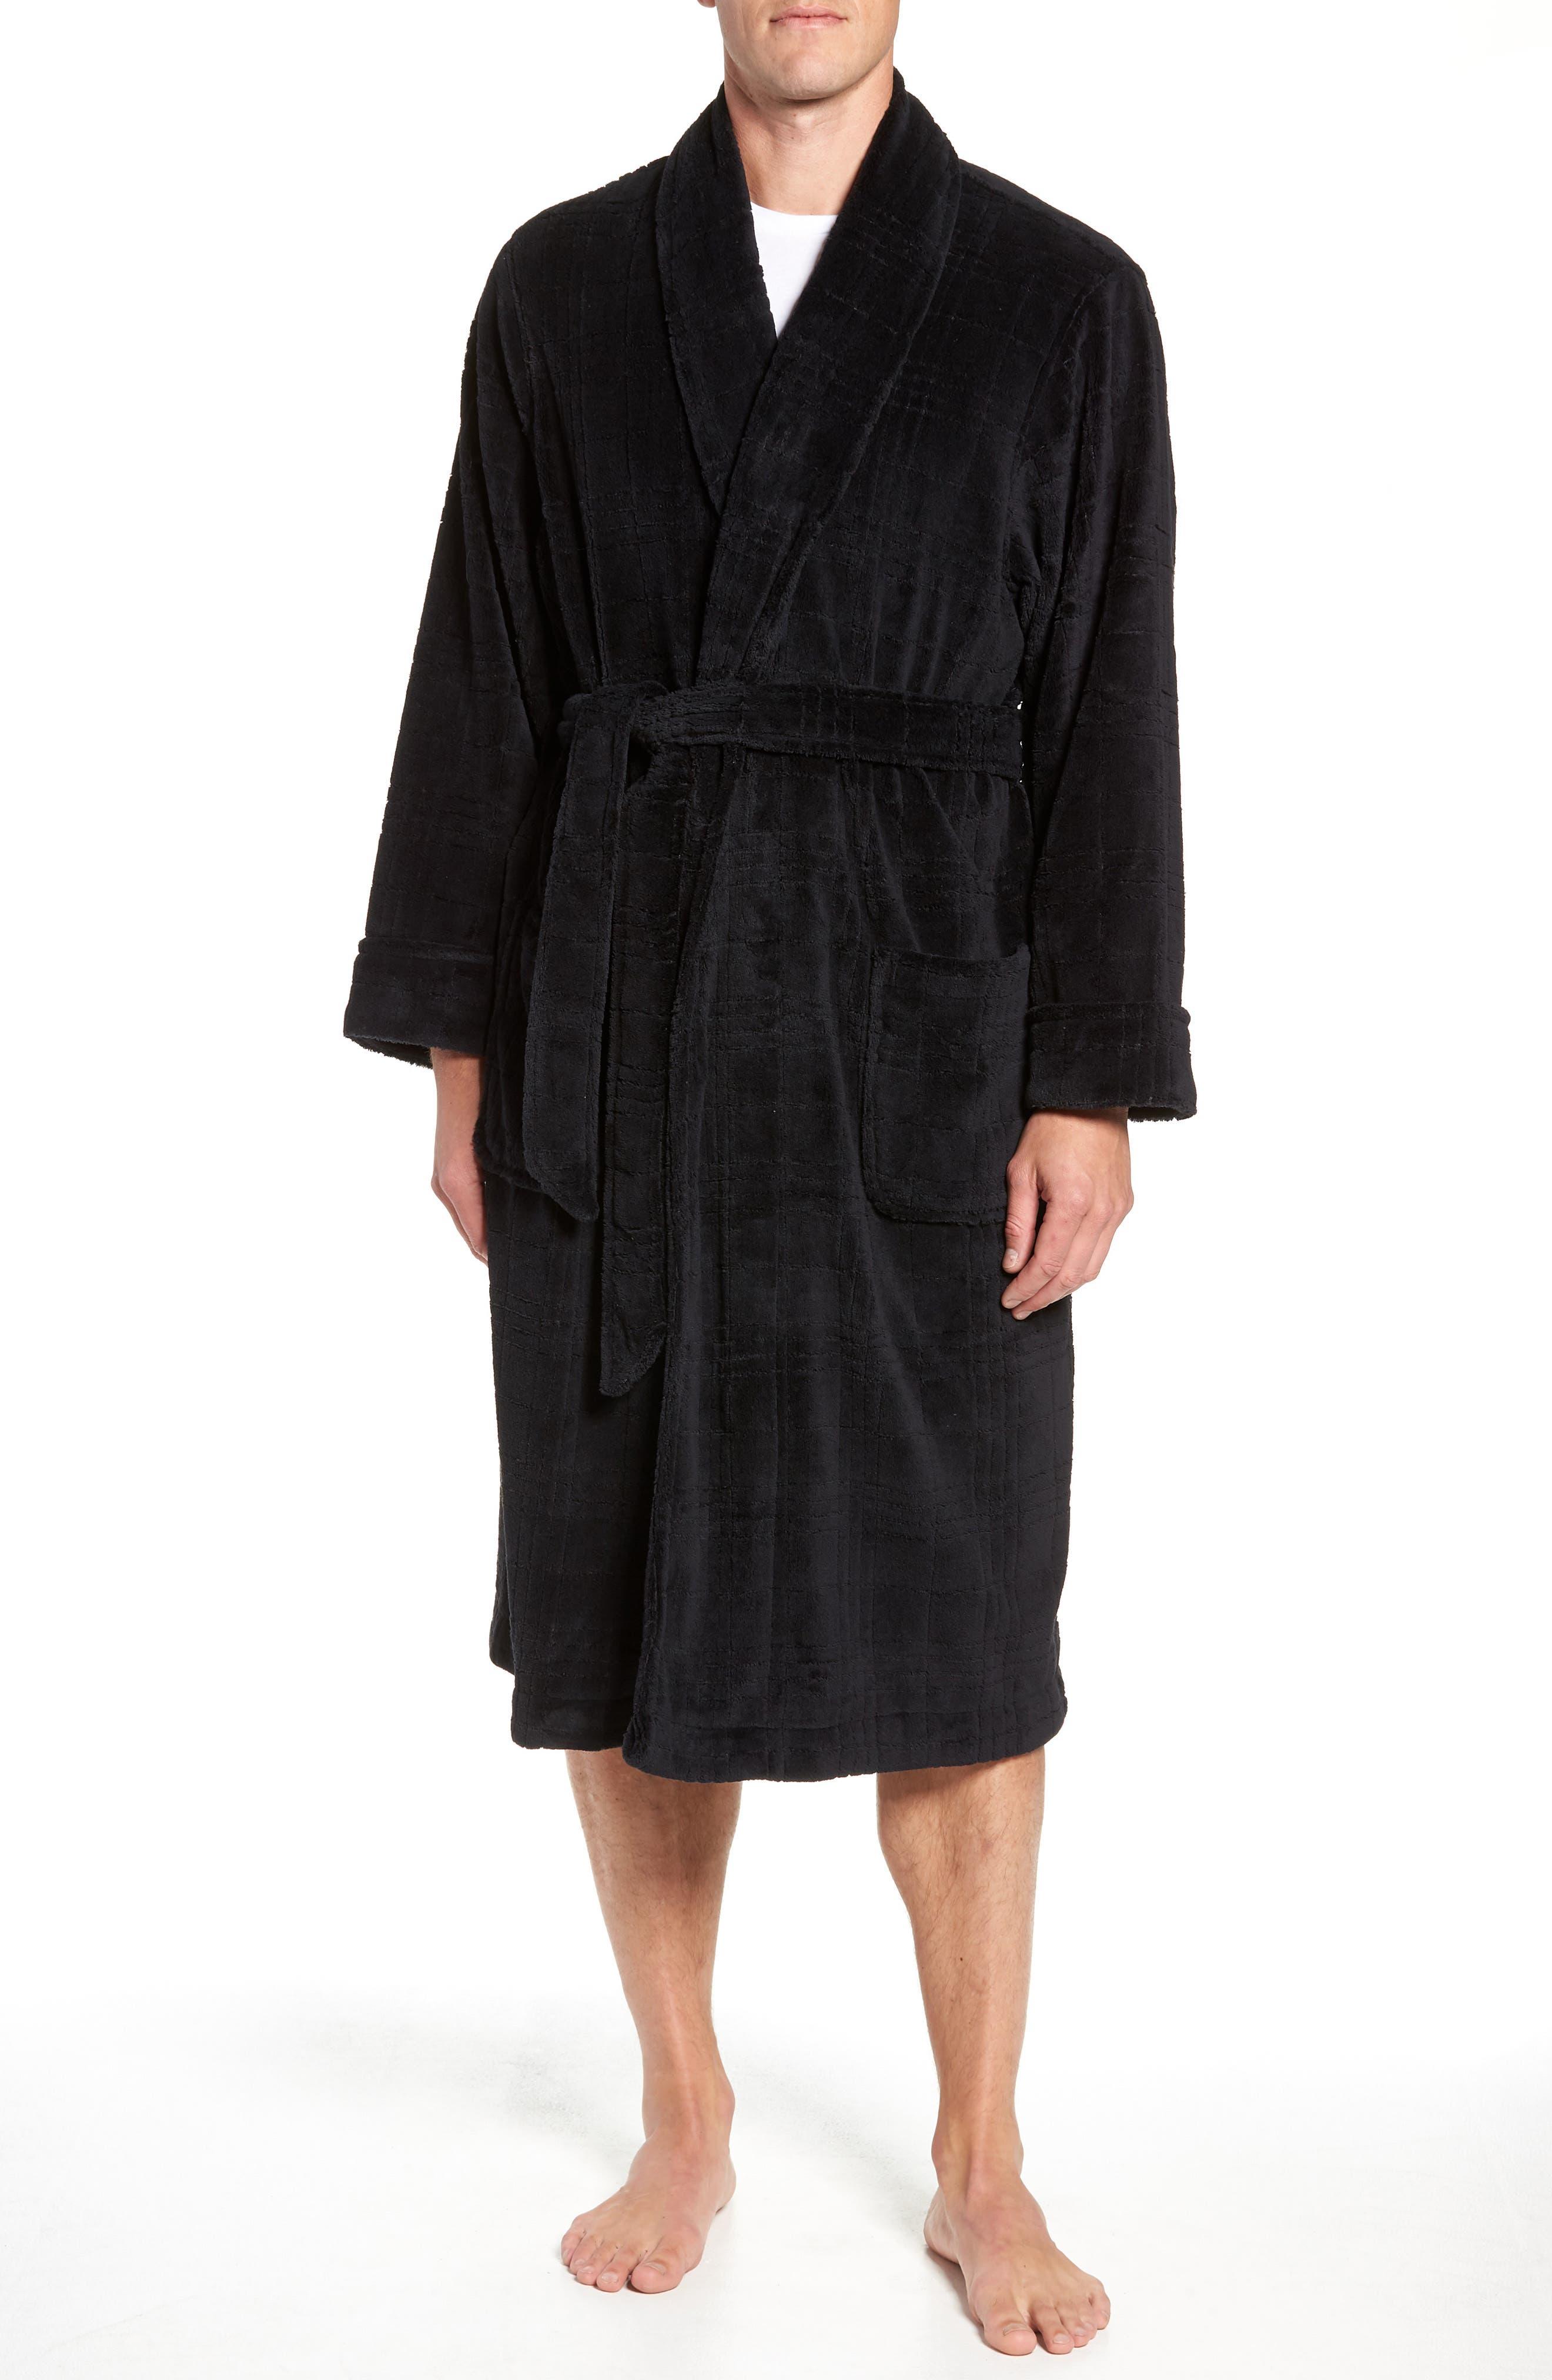 NORDSTROM MEN'S SHOP Shadow Plaid Fleece Robe, Main, color, BLACK